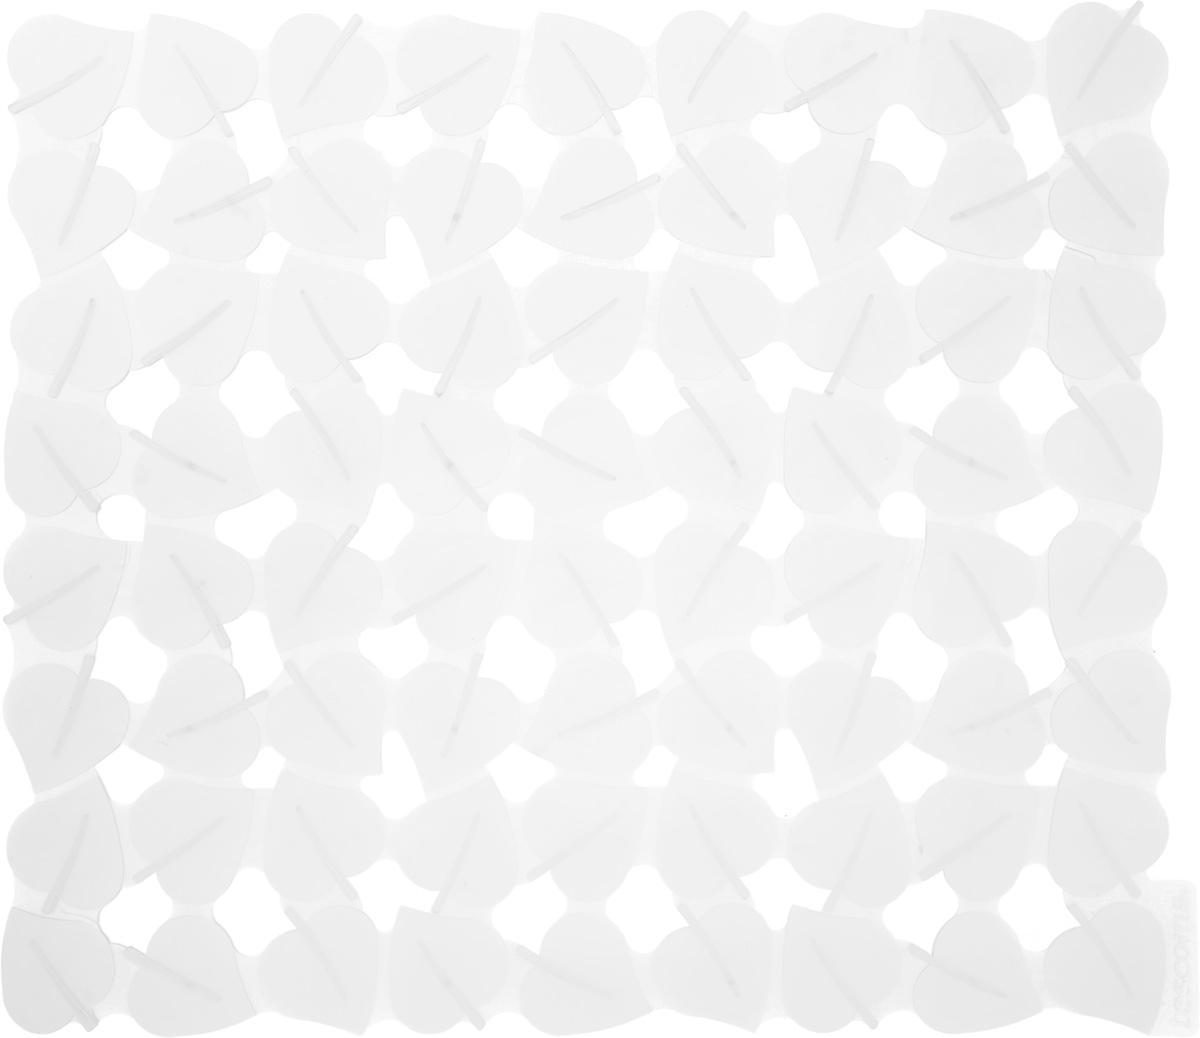 Коврик для раковины Tescoma Листочки, цвет: прозрачный, 32 x 28 см900637_прозрачныйСтильный и удобный коврик для раковины Tescoma Листочки изготовлен из эластичного пластика. Он одновременно выполняет несколько функций: украшает, защищает мойку от царапин и сколов, смягчает удары при падении посуды в мойку. Коврик также можно использовать для сушки посуды, фруктов и овощей. Он легко очищается отгрязи и жира.Можно мыть в посудомоечной машине.